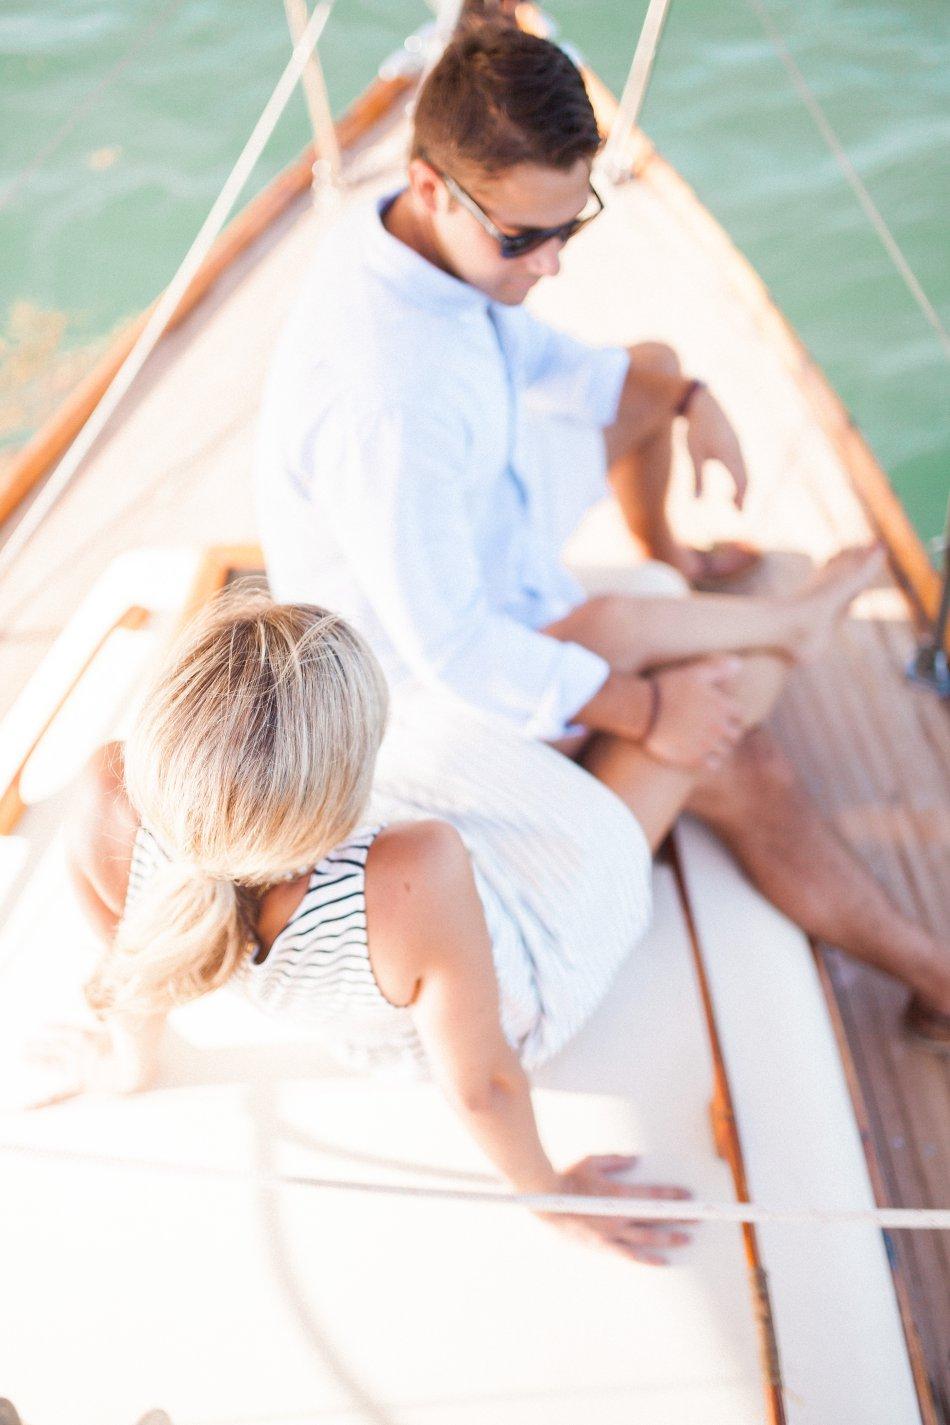 naples-luxury-sailing-engagement-photography-nautical-sailboat-engagement_1043.jpg